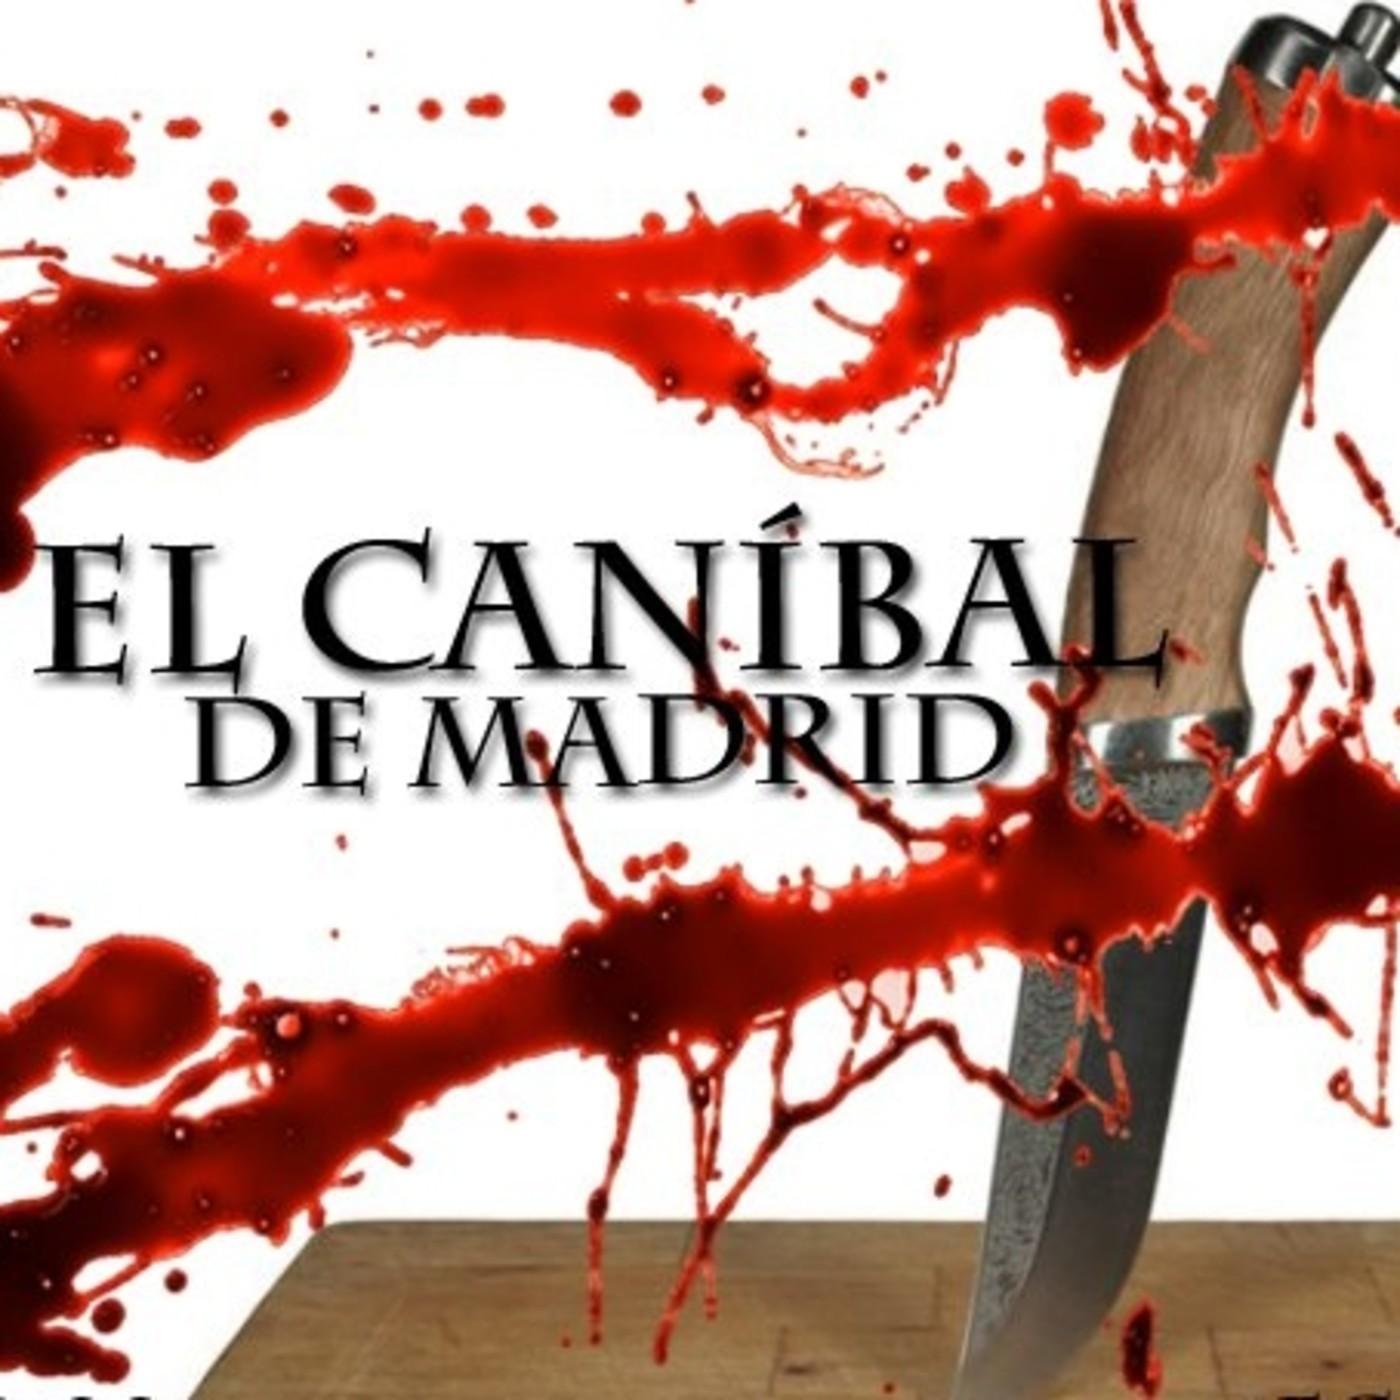 El caso que ha estremecido al país: El Caníbal de Madrid, con el dr. Gaona - Ecos de lo remoto 3x24